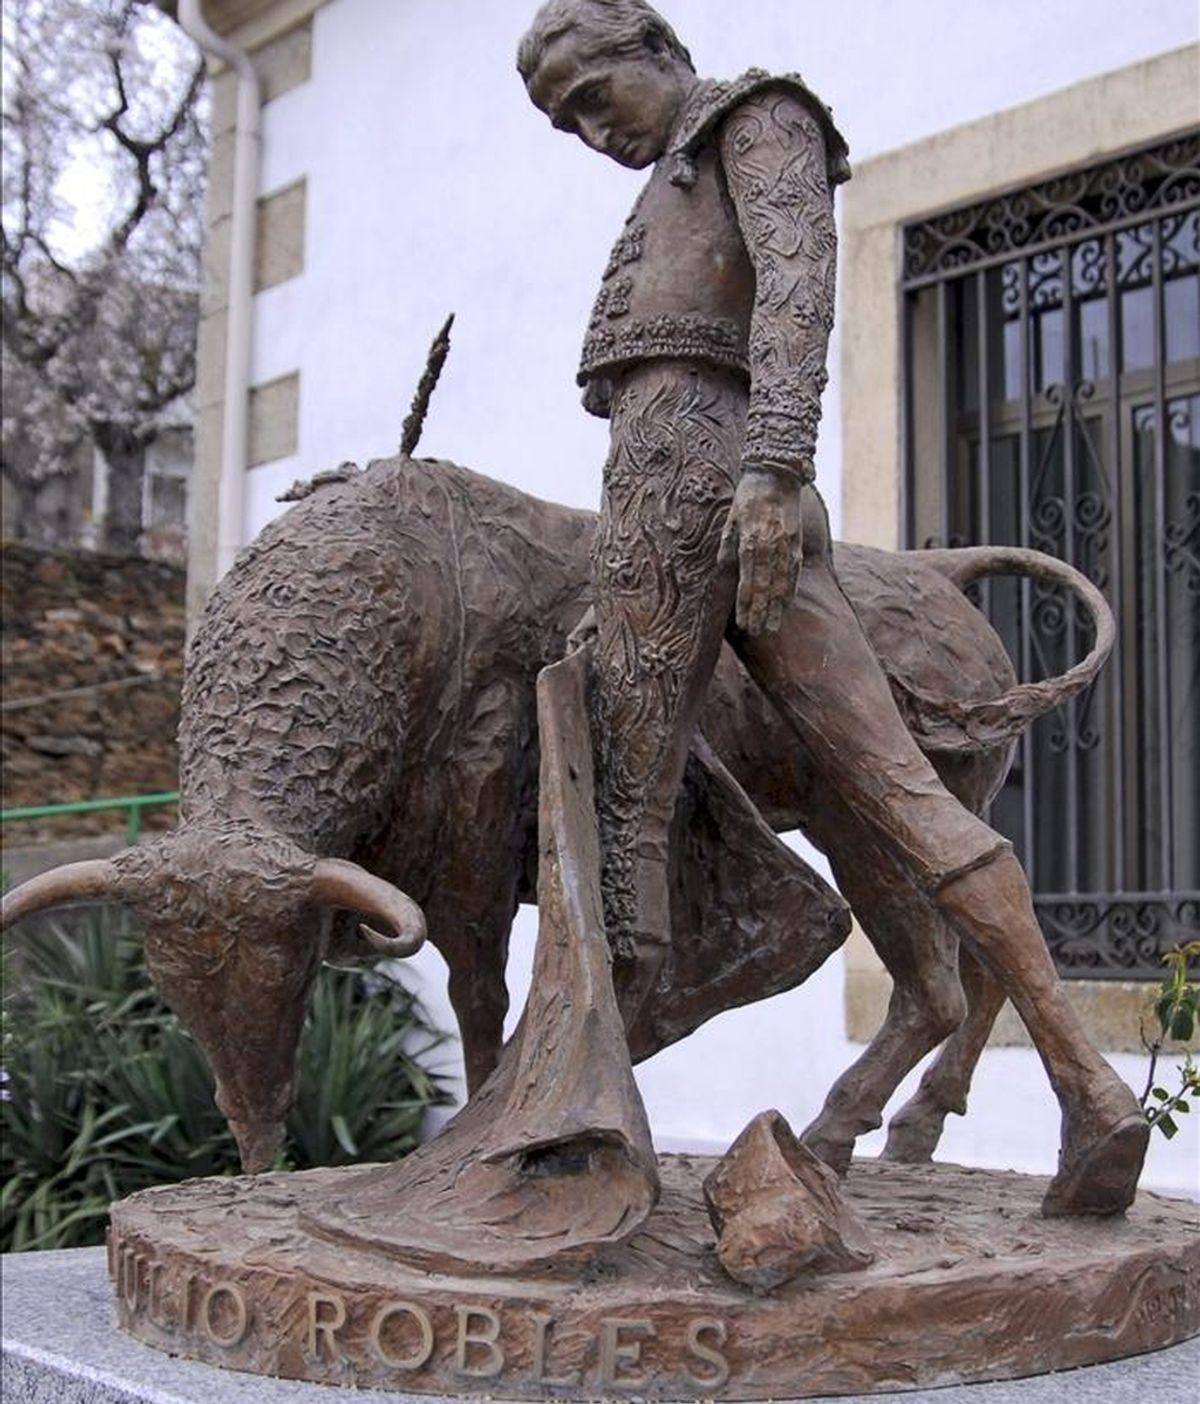 Escultura del matador Julio Robles en su pueblo de Ahigal de los Aceiteros (Salamanca), que recuerda la figura del torero fallecido el 14 de enero de 2001. Robles fue volteado en la Plaza de Toros de Beziers (Francia) el 13 de agosto de 1990 y hasta su muerte quedó postrado en una silla de ruedas. EFE